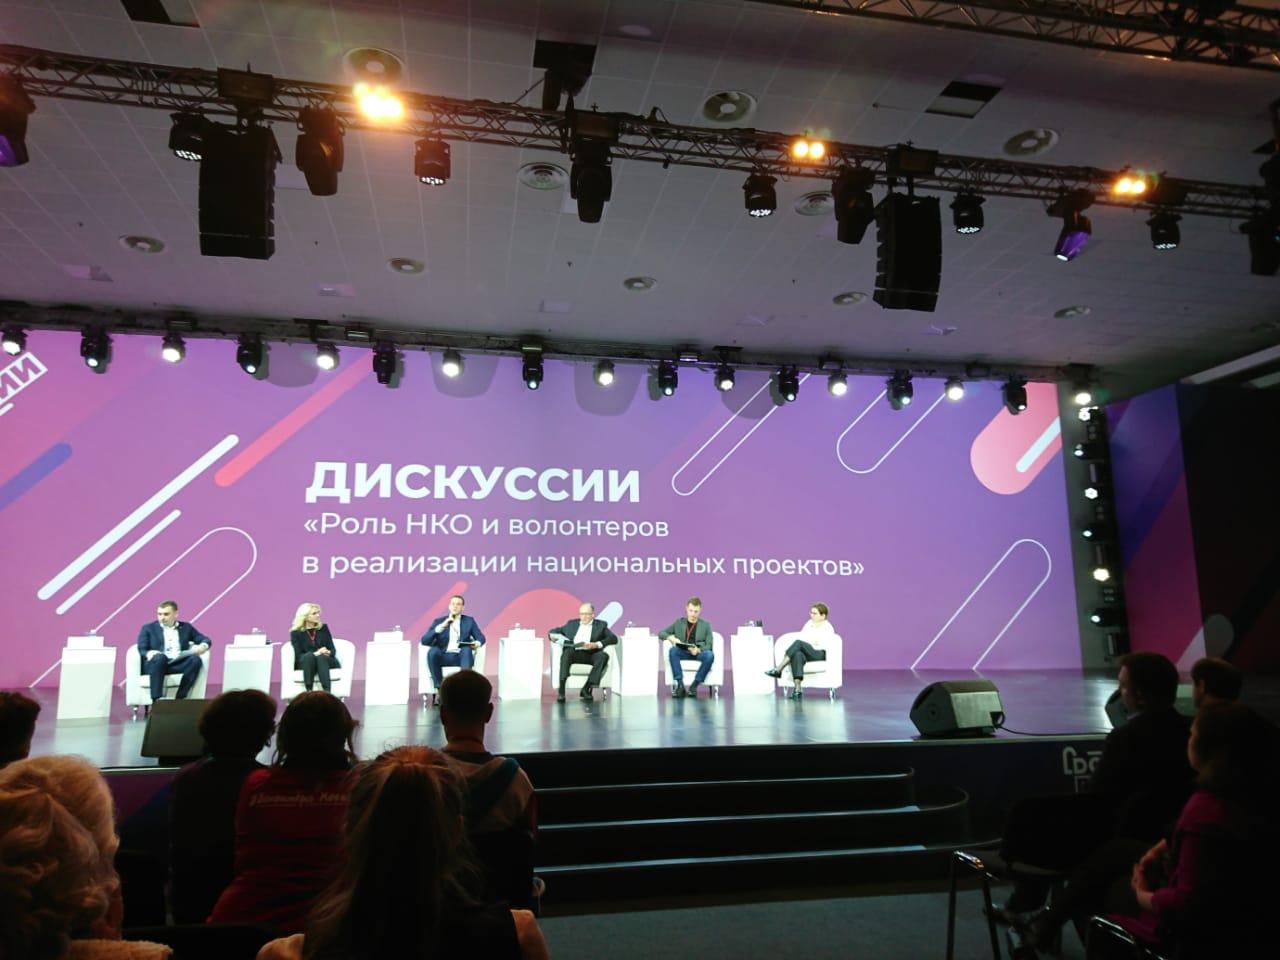 """АРДИП представила свой проект """"В будущее без границ"""" на Международном форуме волонтеров в Сочи АРДИП"""